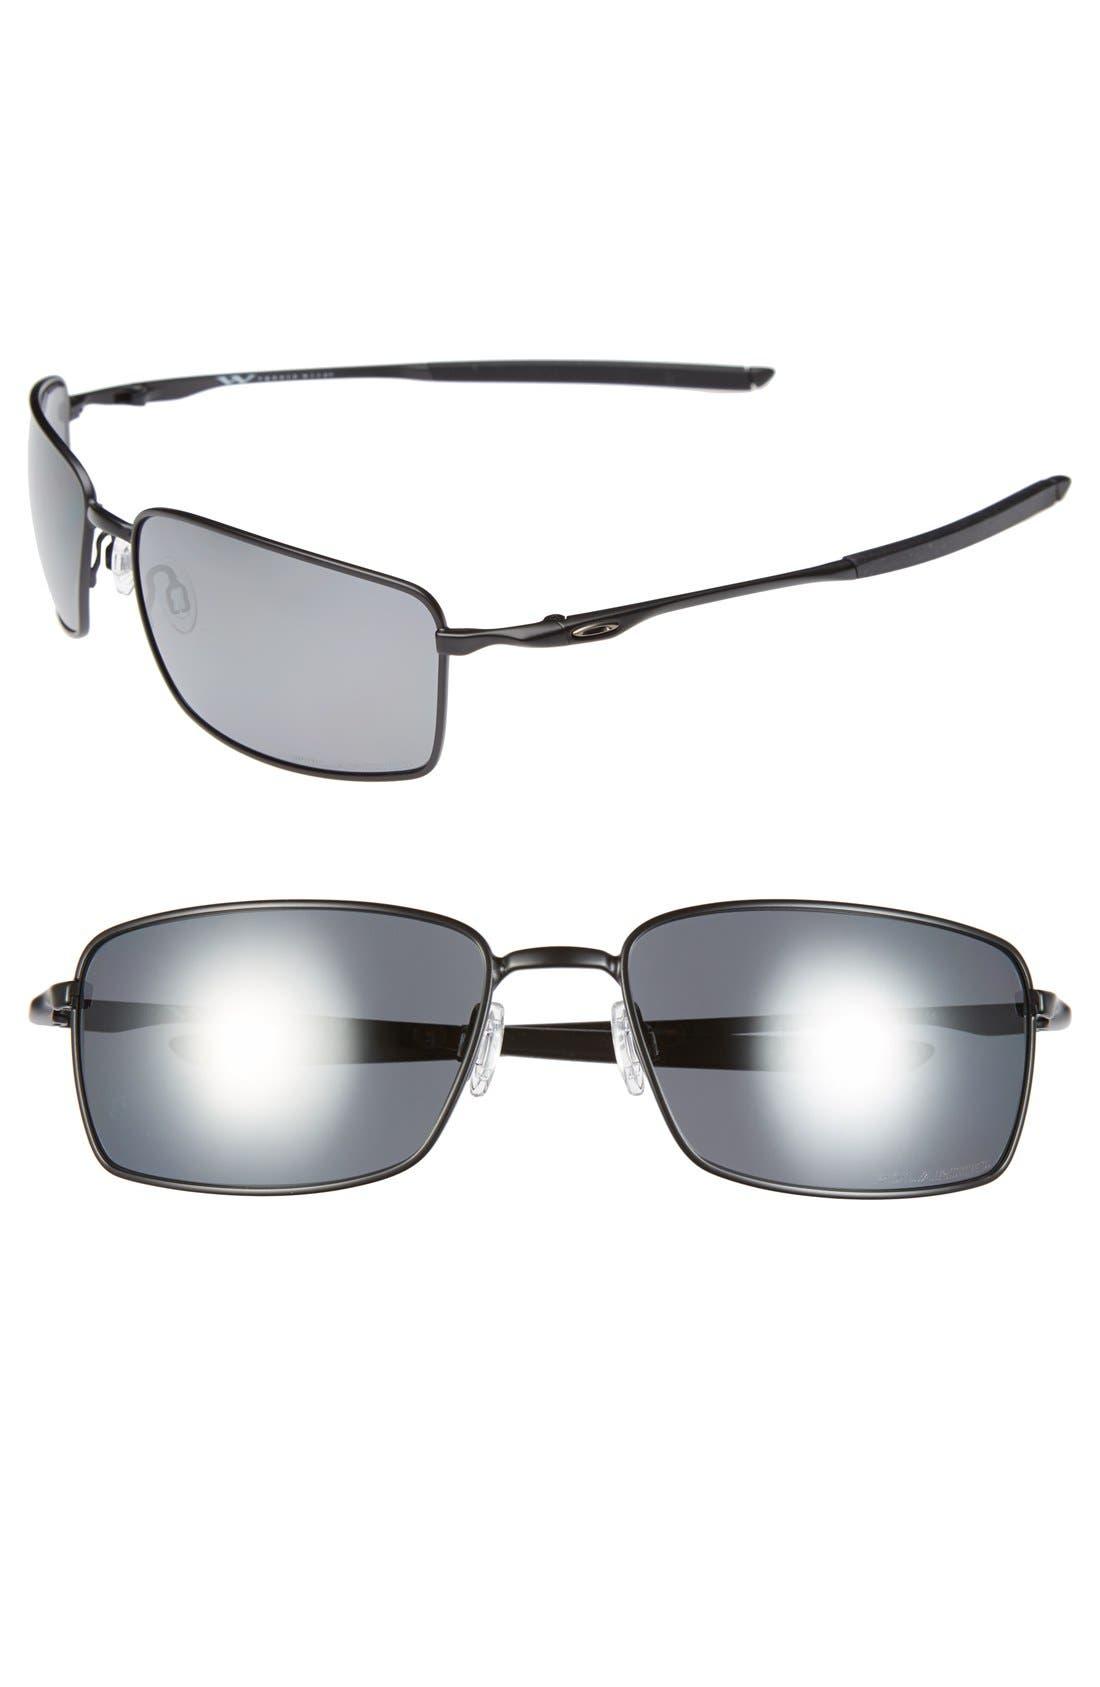 60mm Polarized Sunglasses,                             Main thumbnail 1, color,                             Matte Black